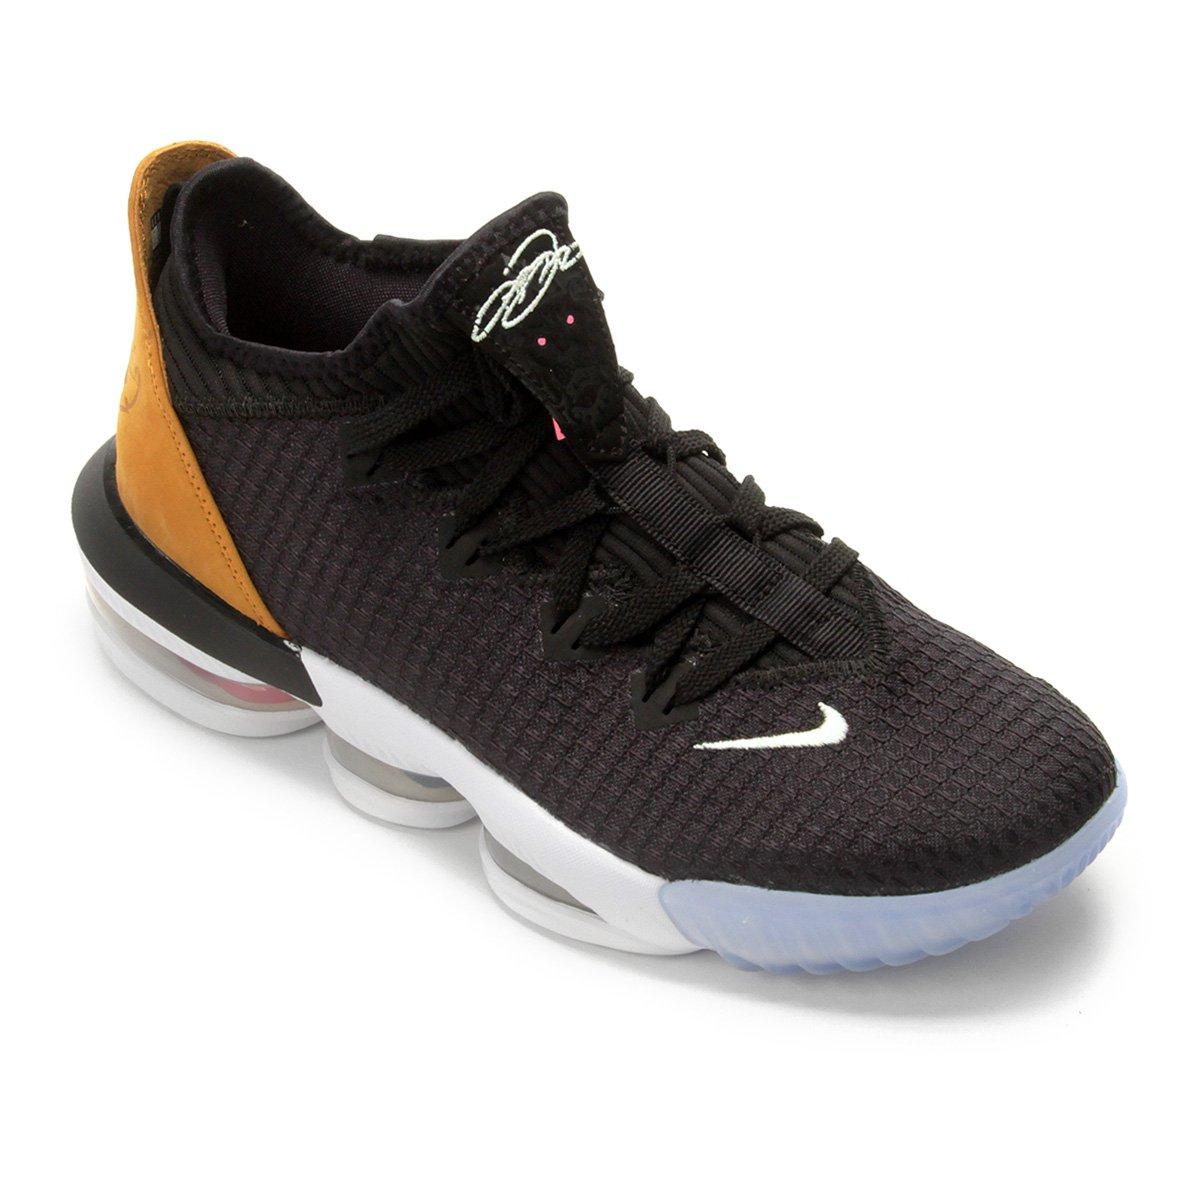 a9edbf37d596b8 Tênis Nike Lebron XVI Low Masculino - Preto e Branco | Loja NBA